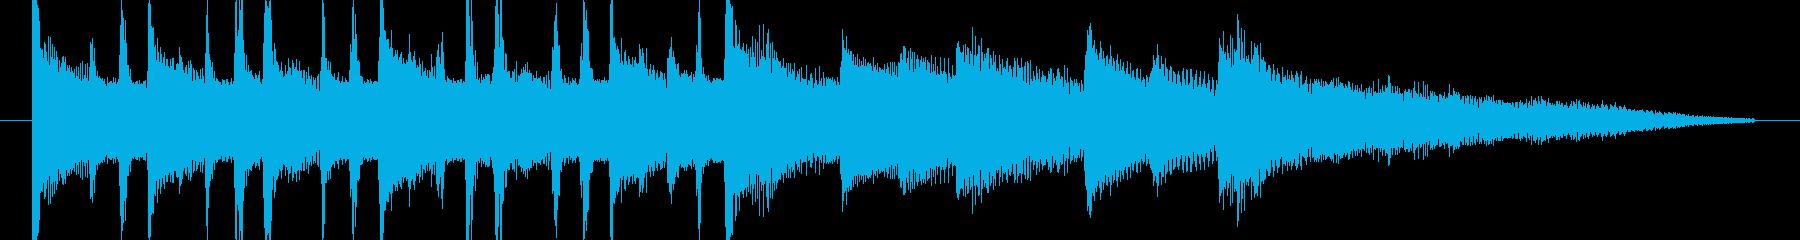 軽快でオシャレでキャッチーなジングルの再生済みの波形